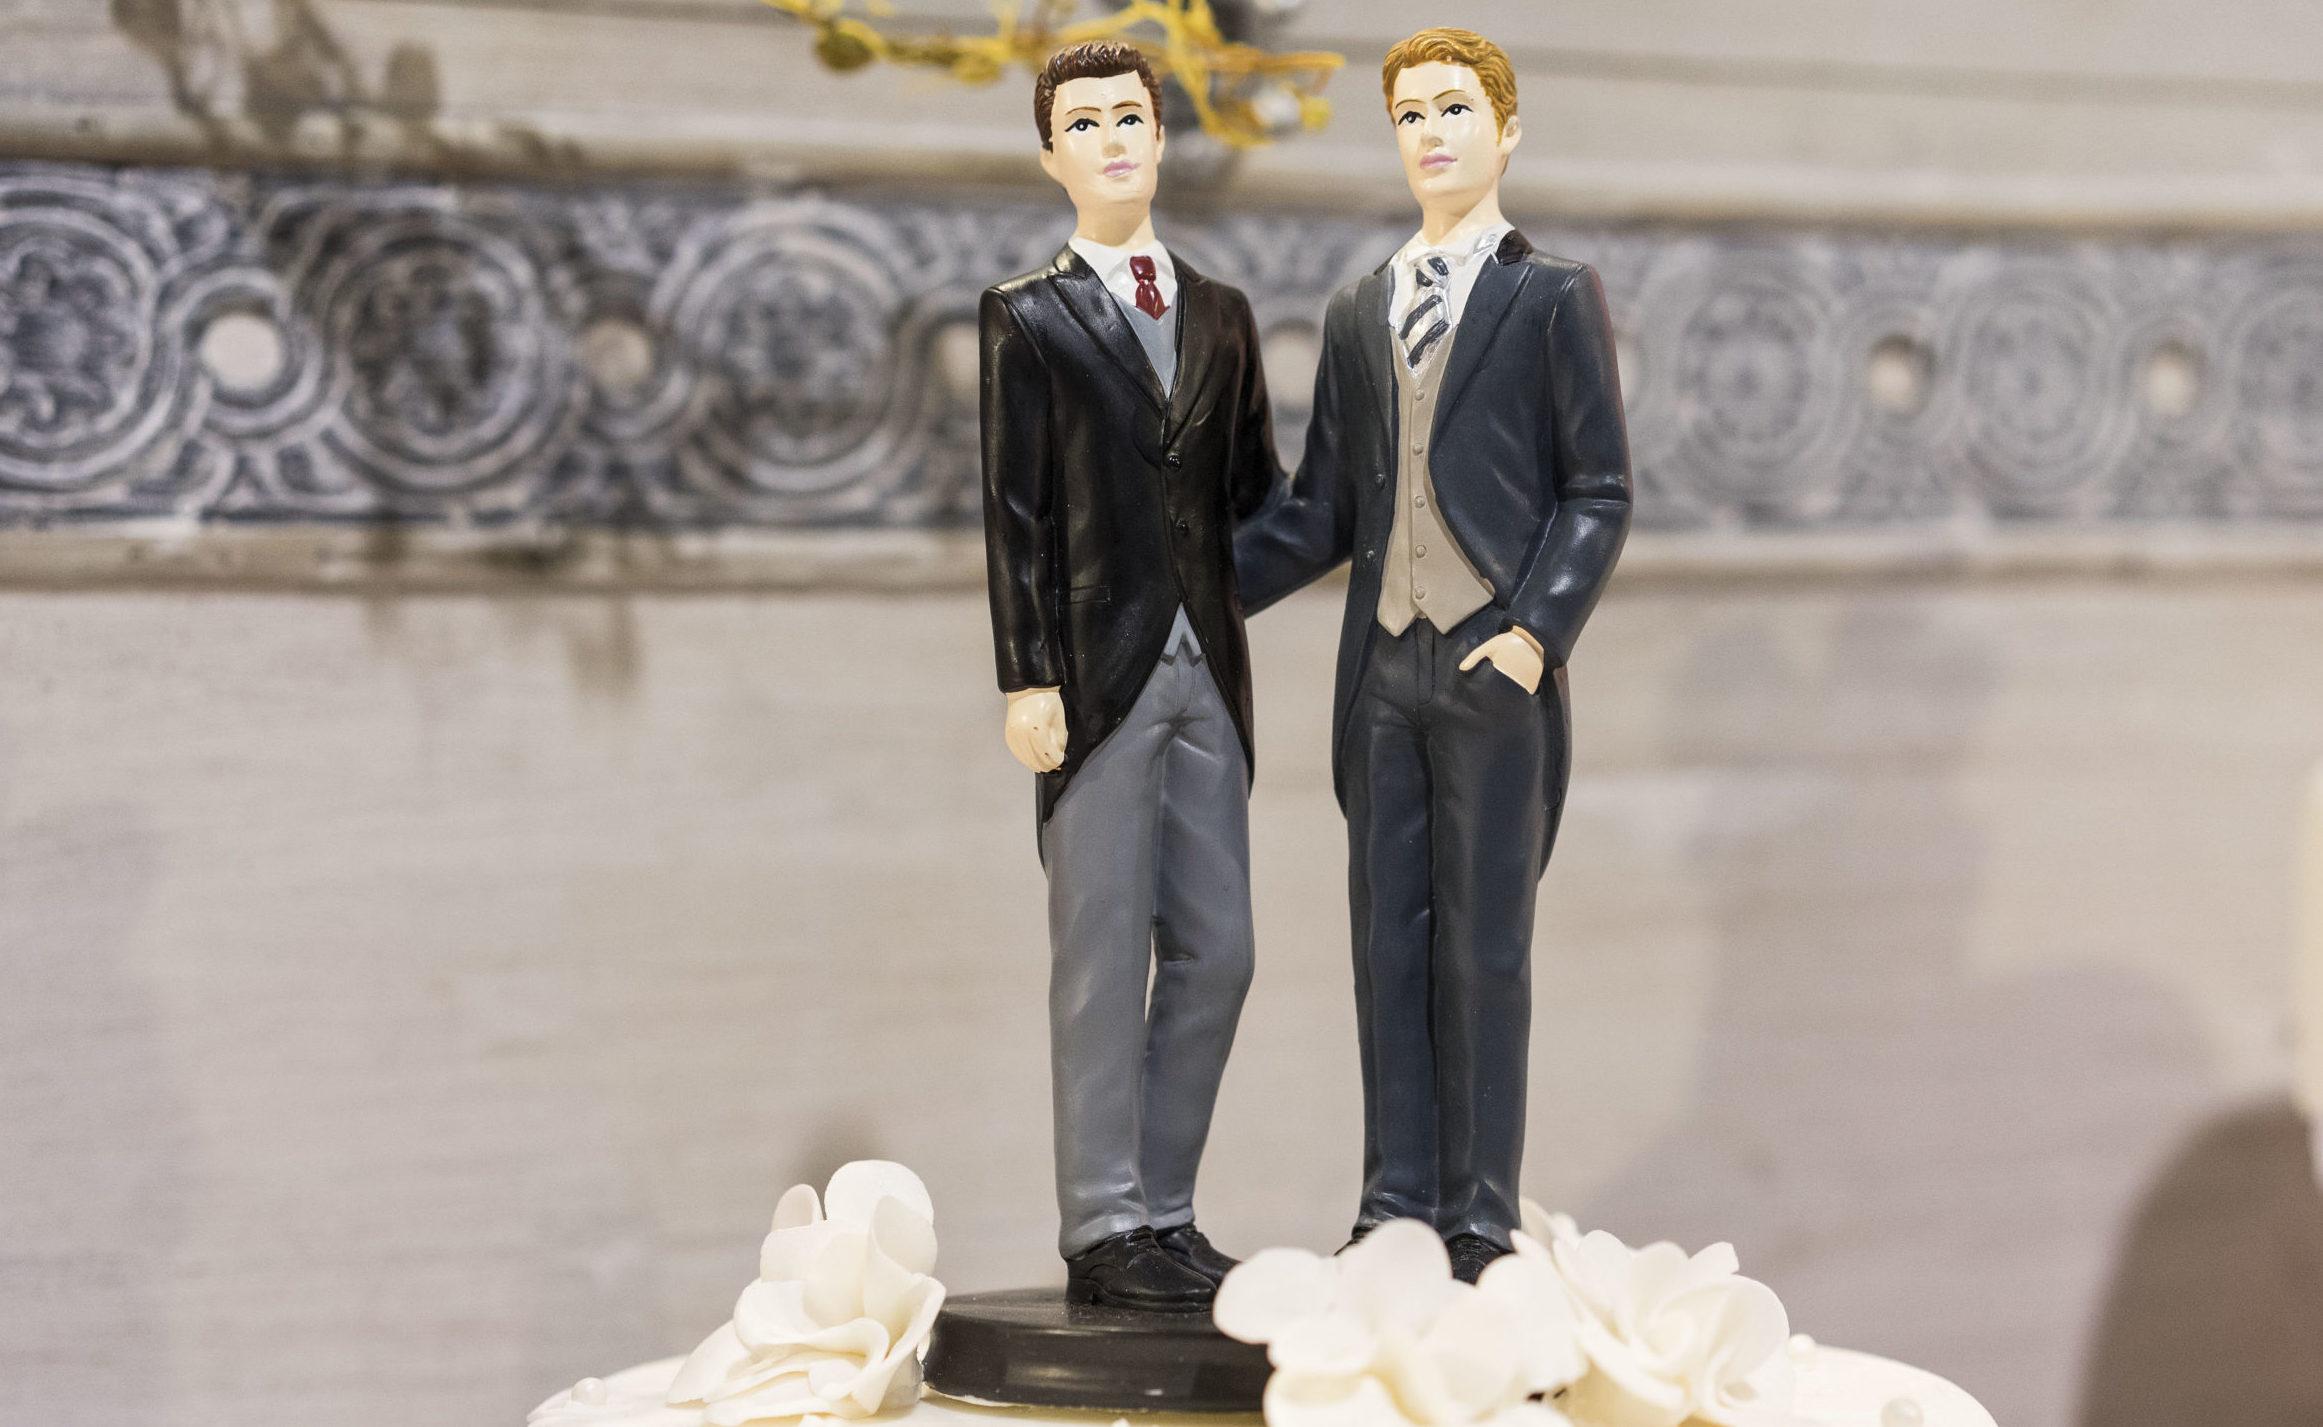 Une majorité de Suisses en faveur du mariage pour tous